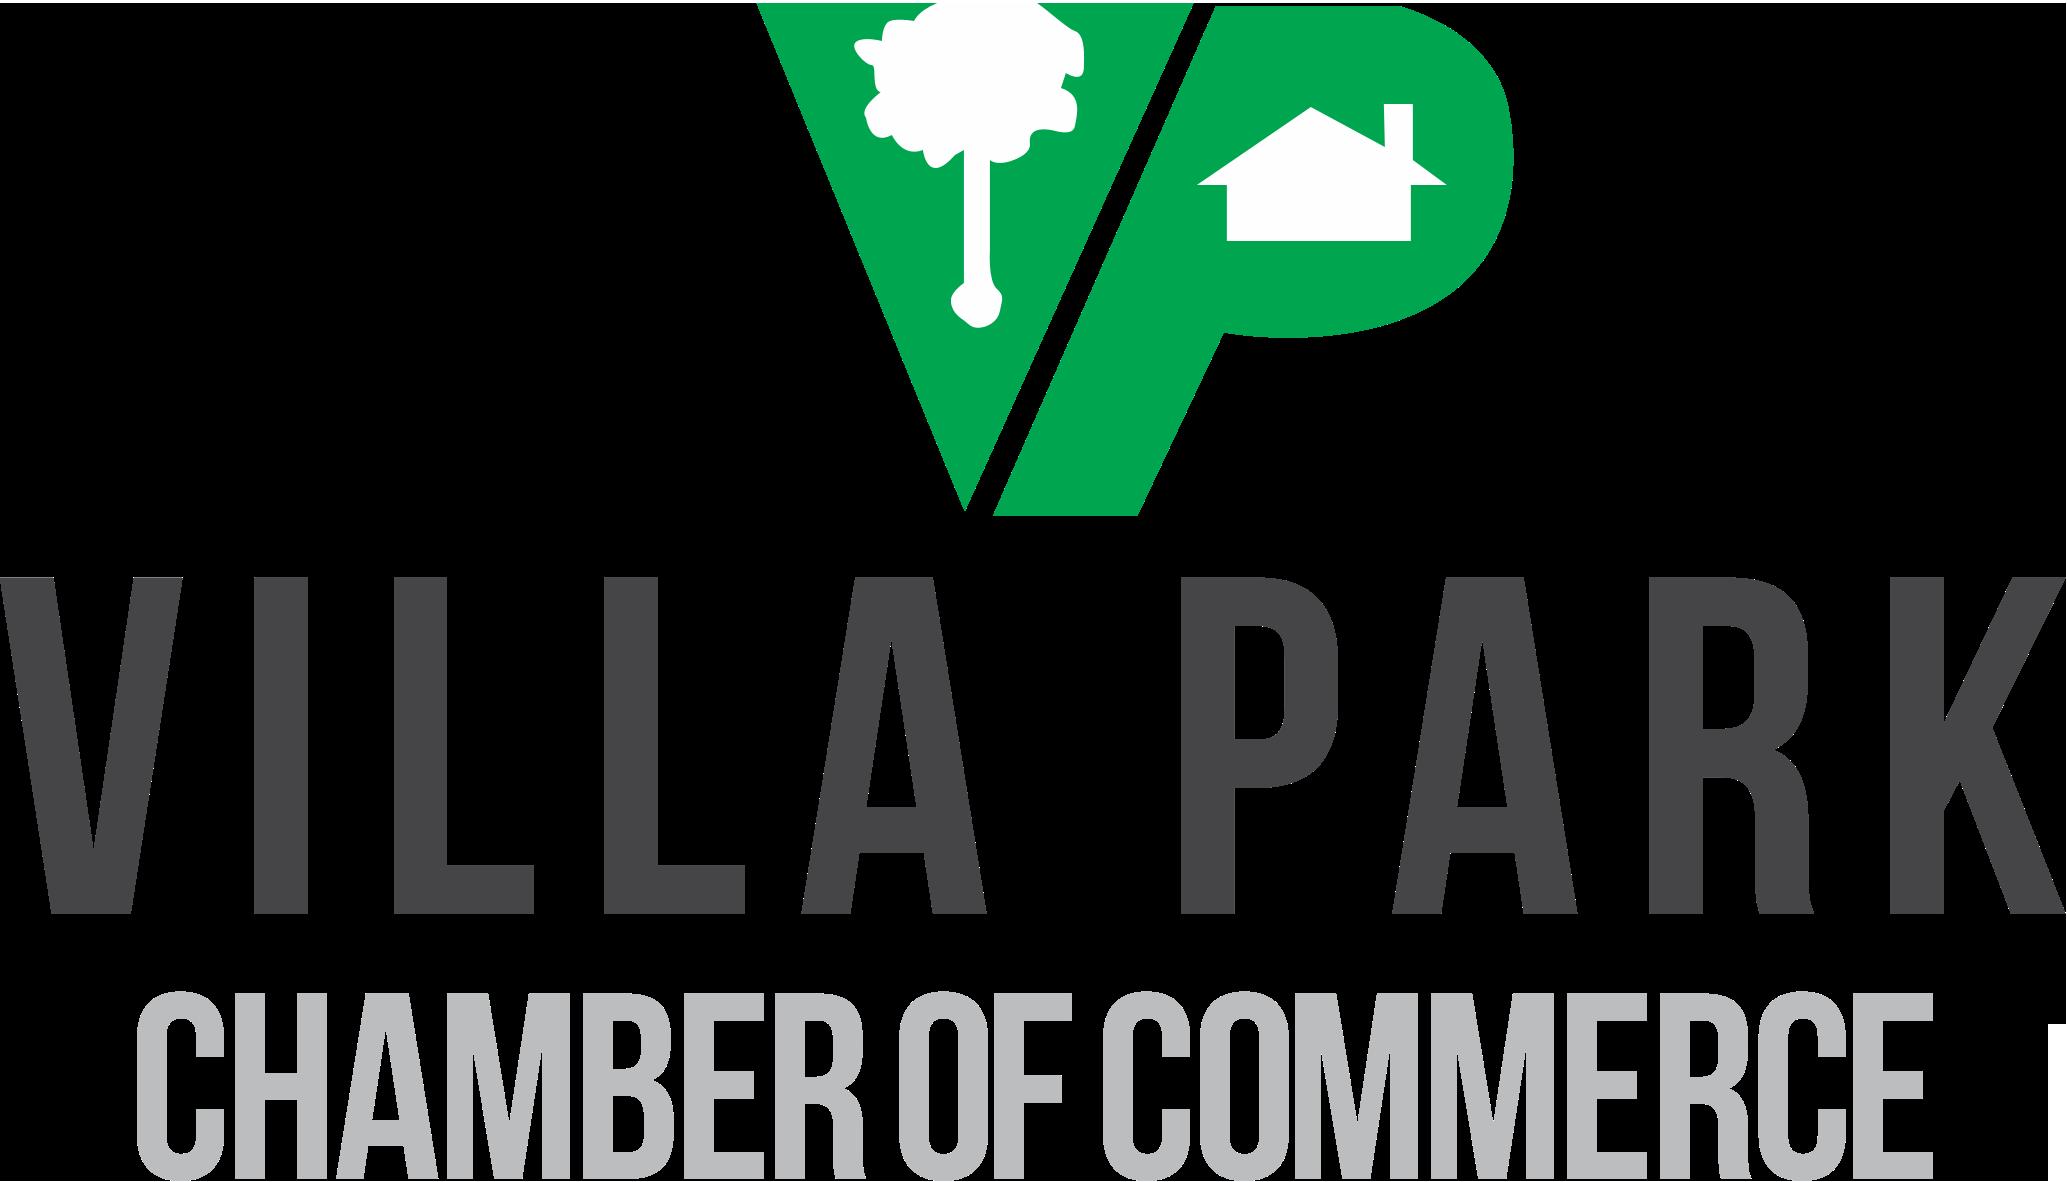 Villa Park Chamber of Commerce logo